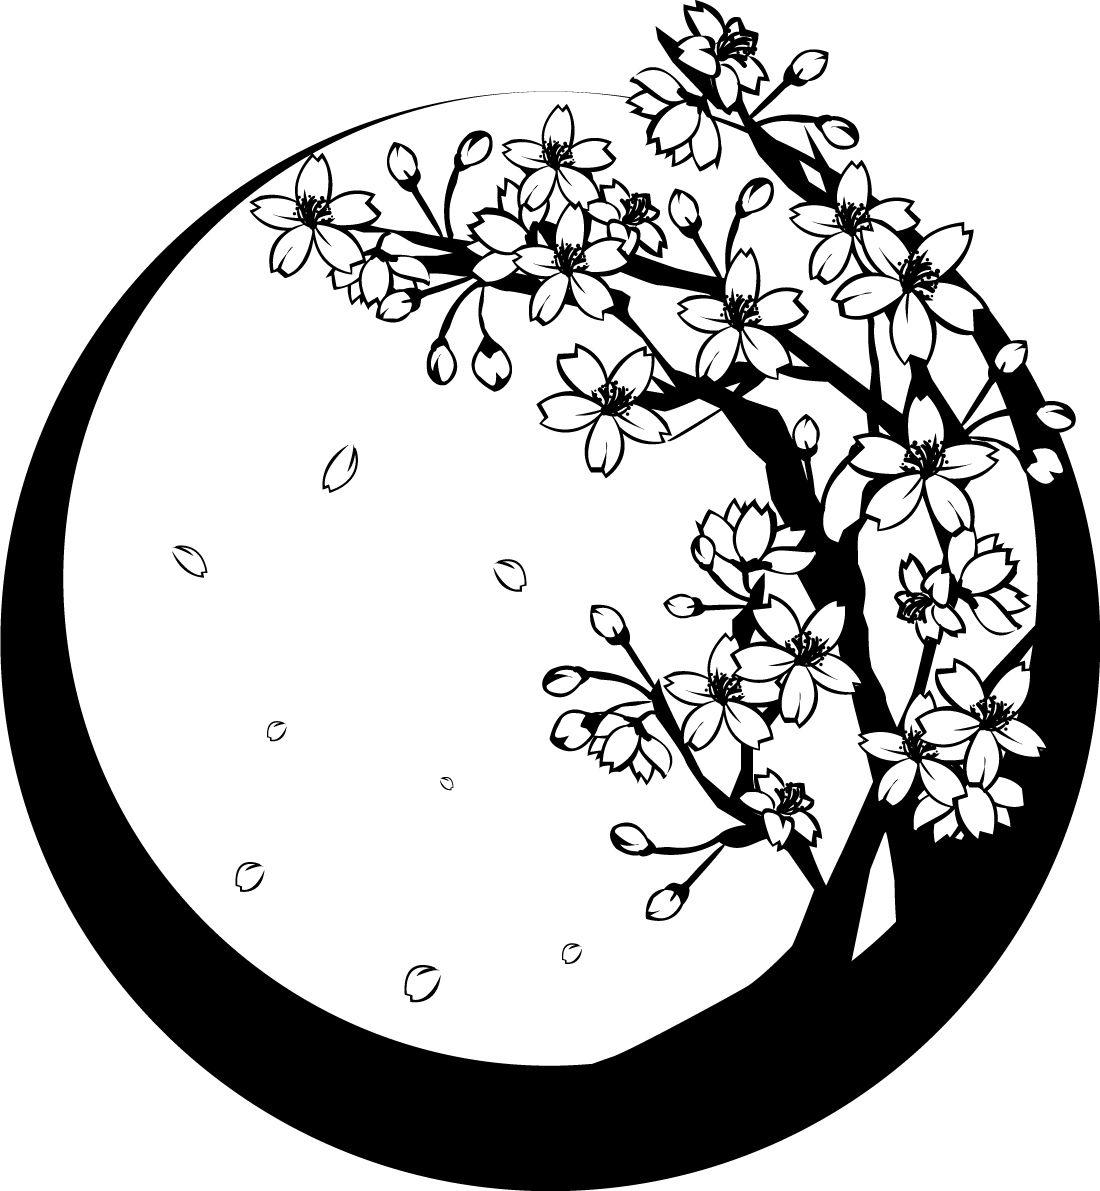 白黒の桜の木和フレーム無料イラスト 春 素材good 桜 デザイン イラスト 桜 イラスト デザイン 花 イラスト